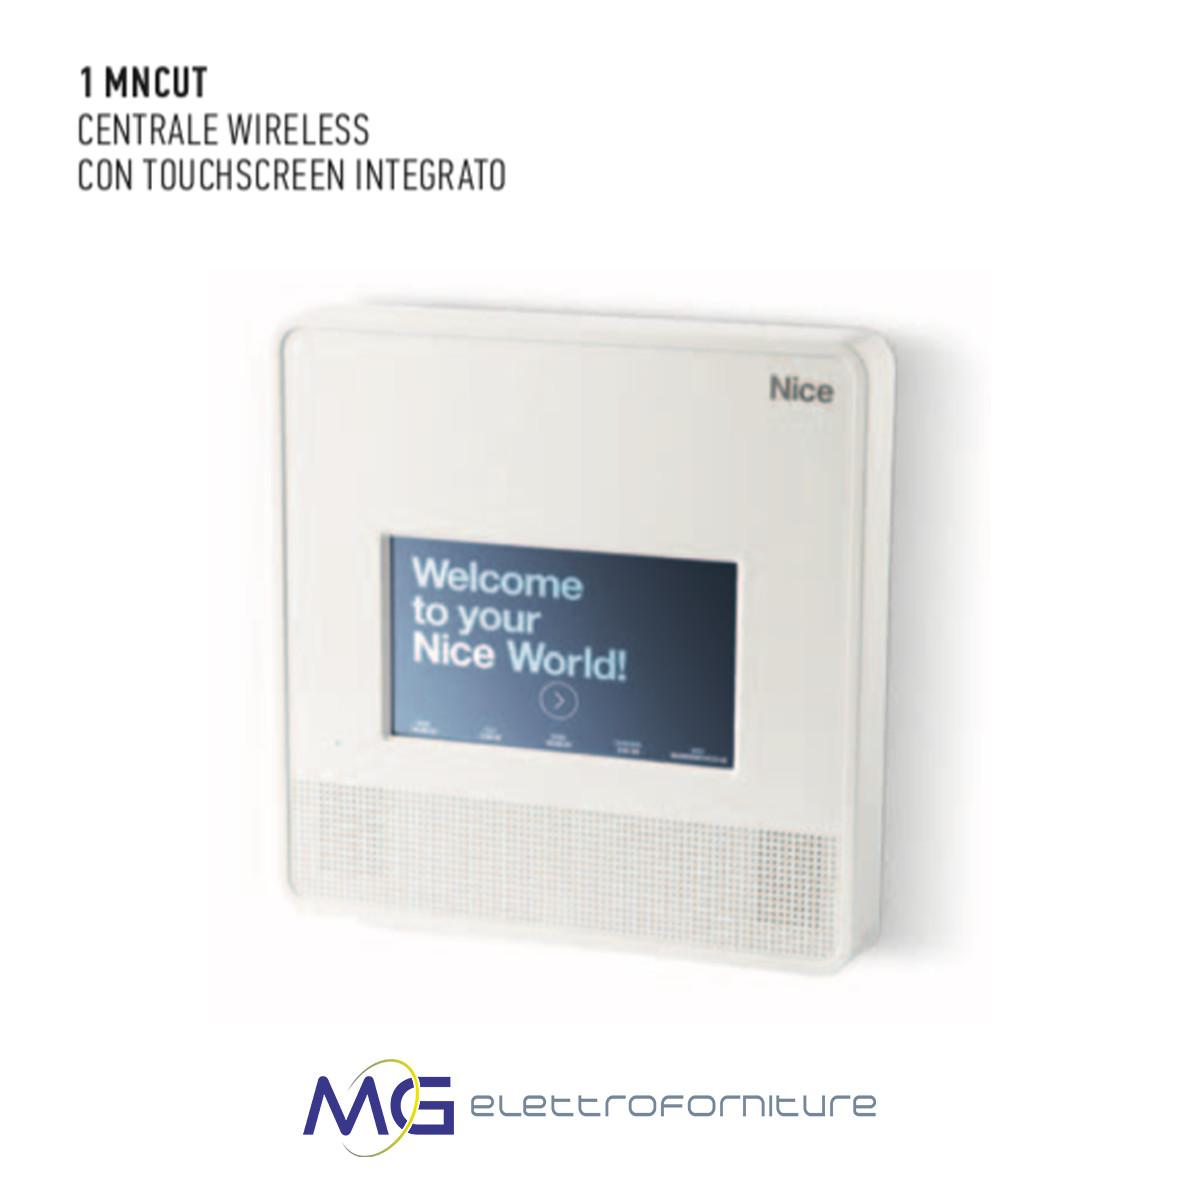 Nice_MyNice_Kit_7000_touch_Kit_per_la_gestione_integrata_dei_sistemi_di_allarme_MG_elettroforniture_prezzo_migliore_basso_2